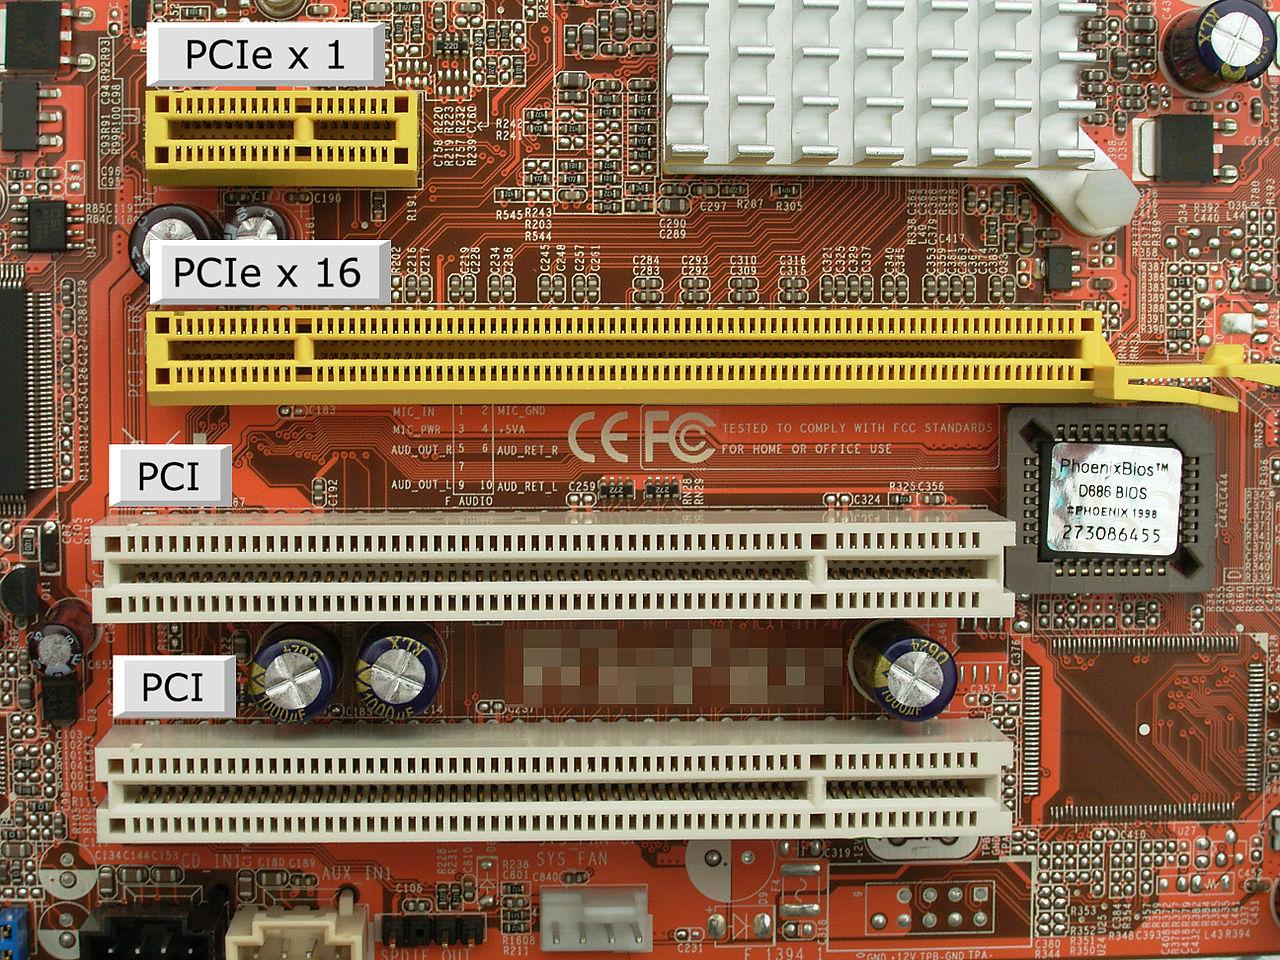 Placa-mãe com conexões PCI x 16 e PCI